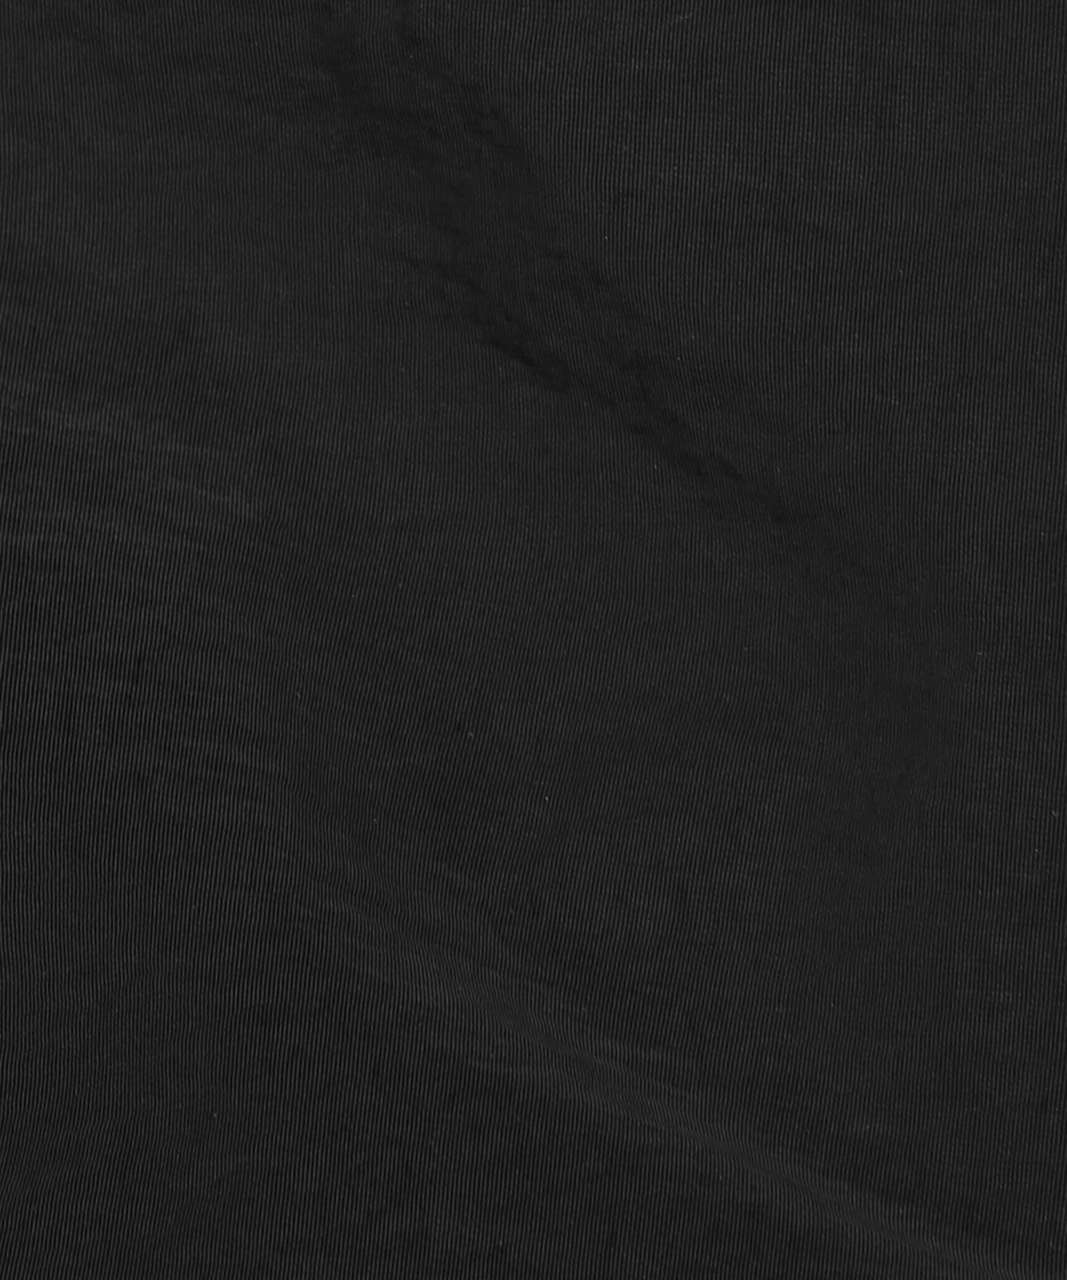 Lululemon City Adventurer Backpack *17L - Black